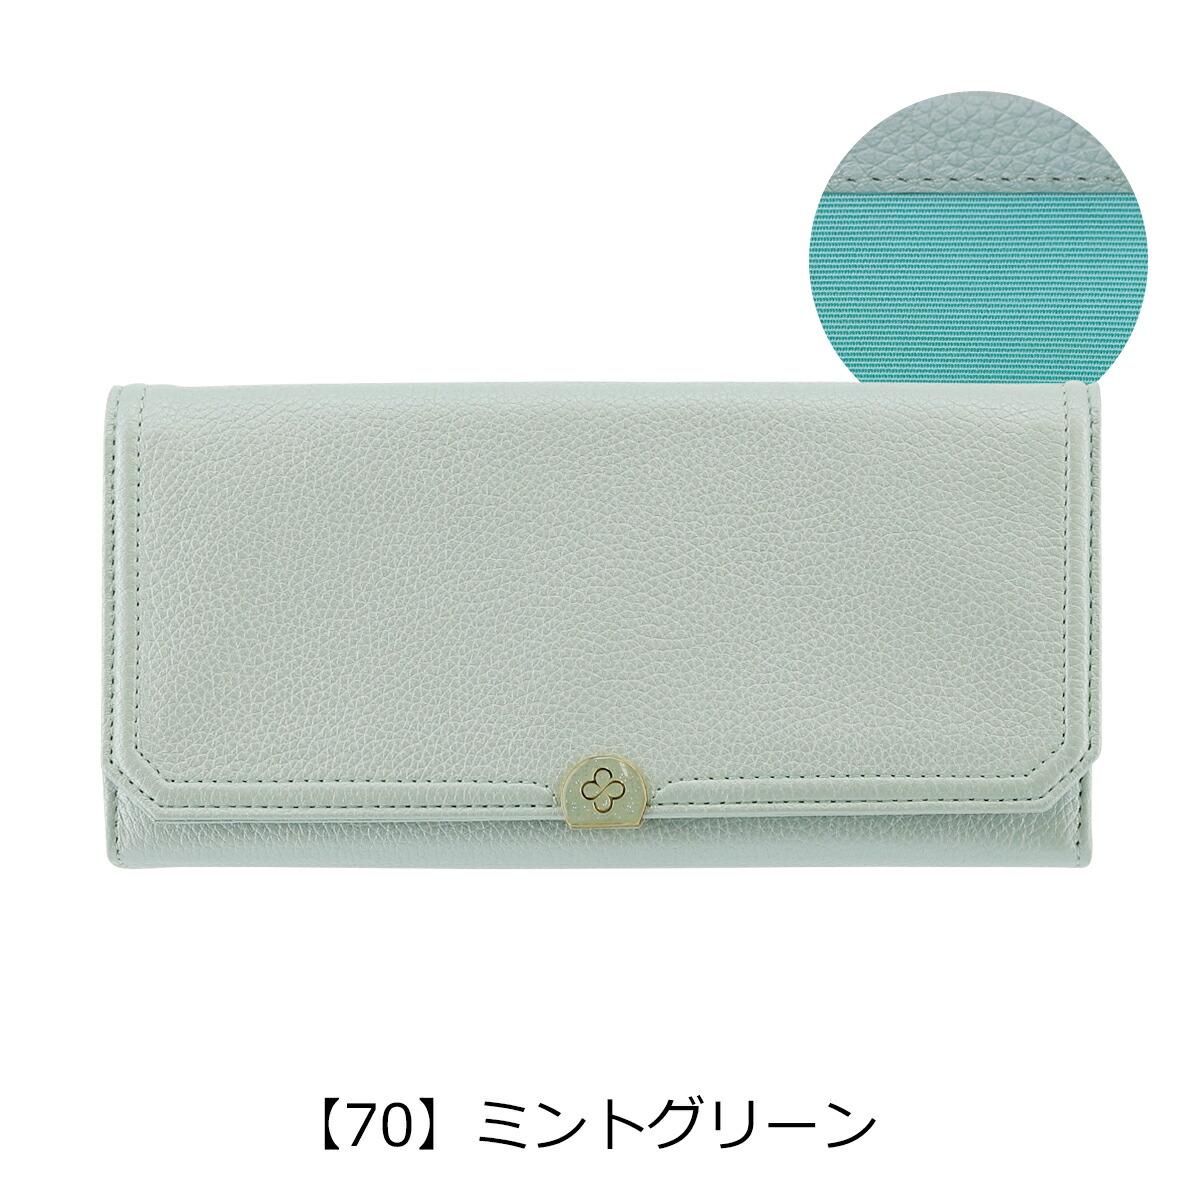 【70】ミントグリーン